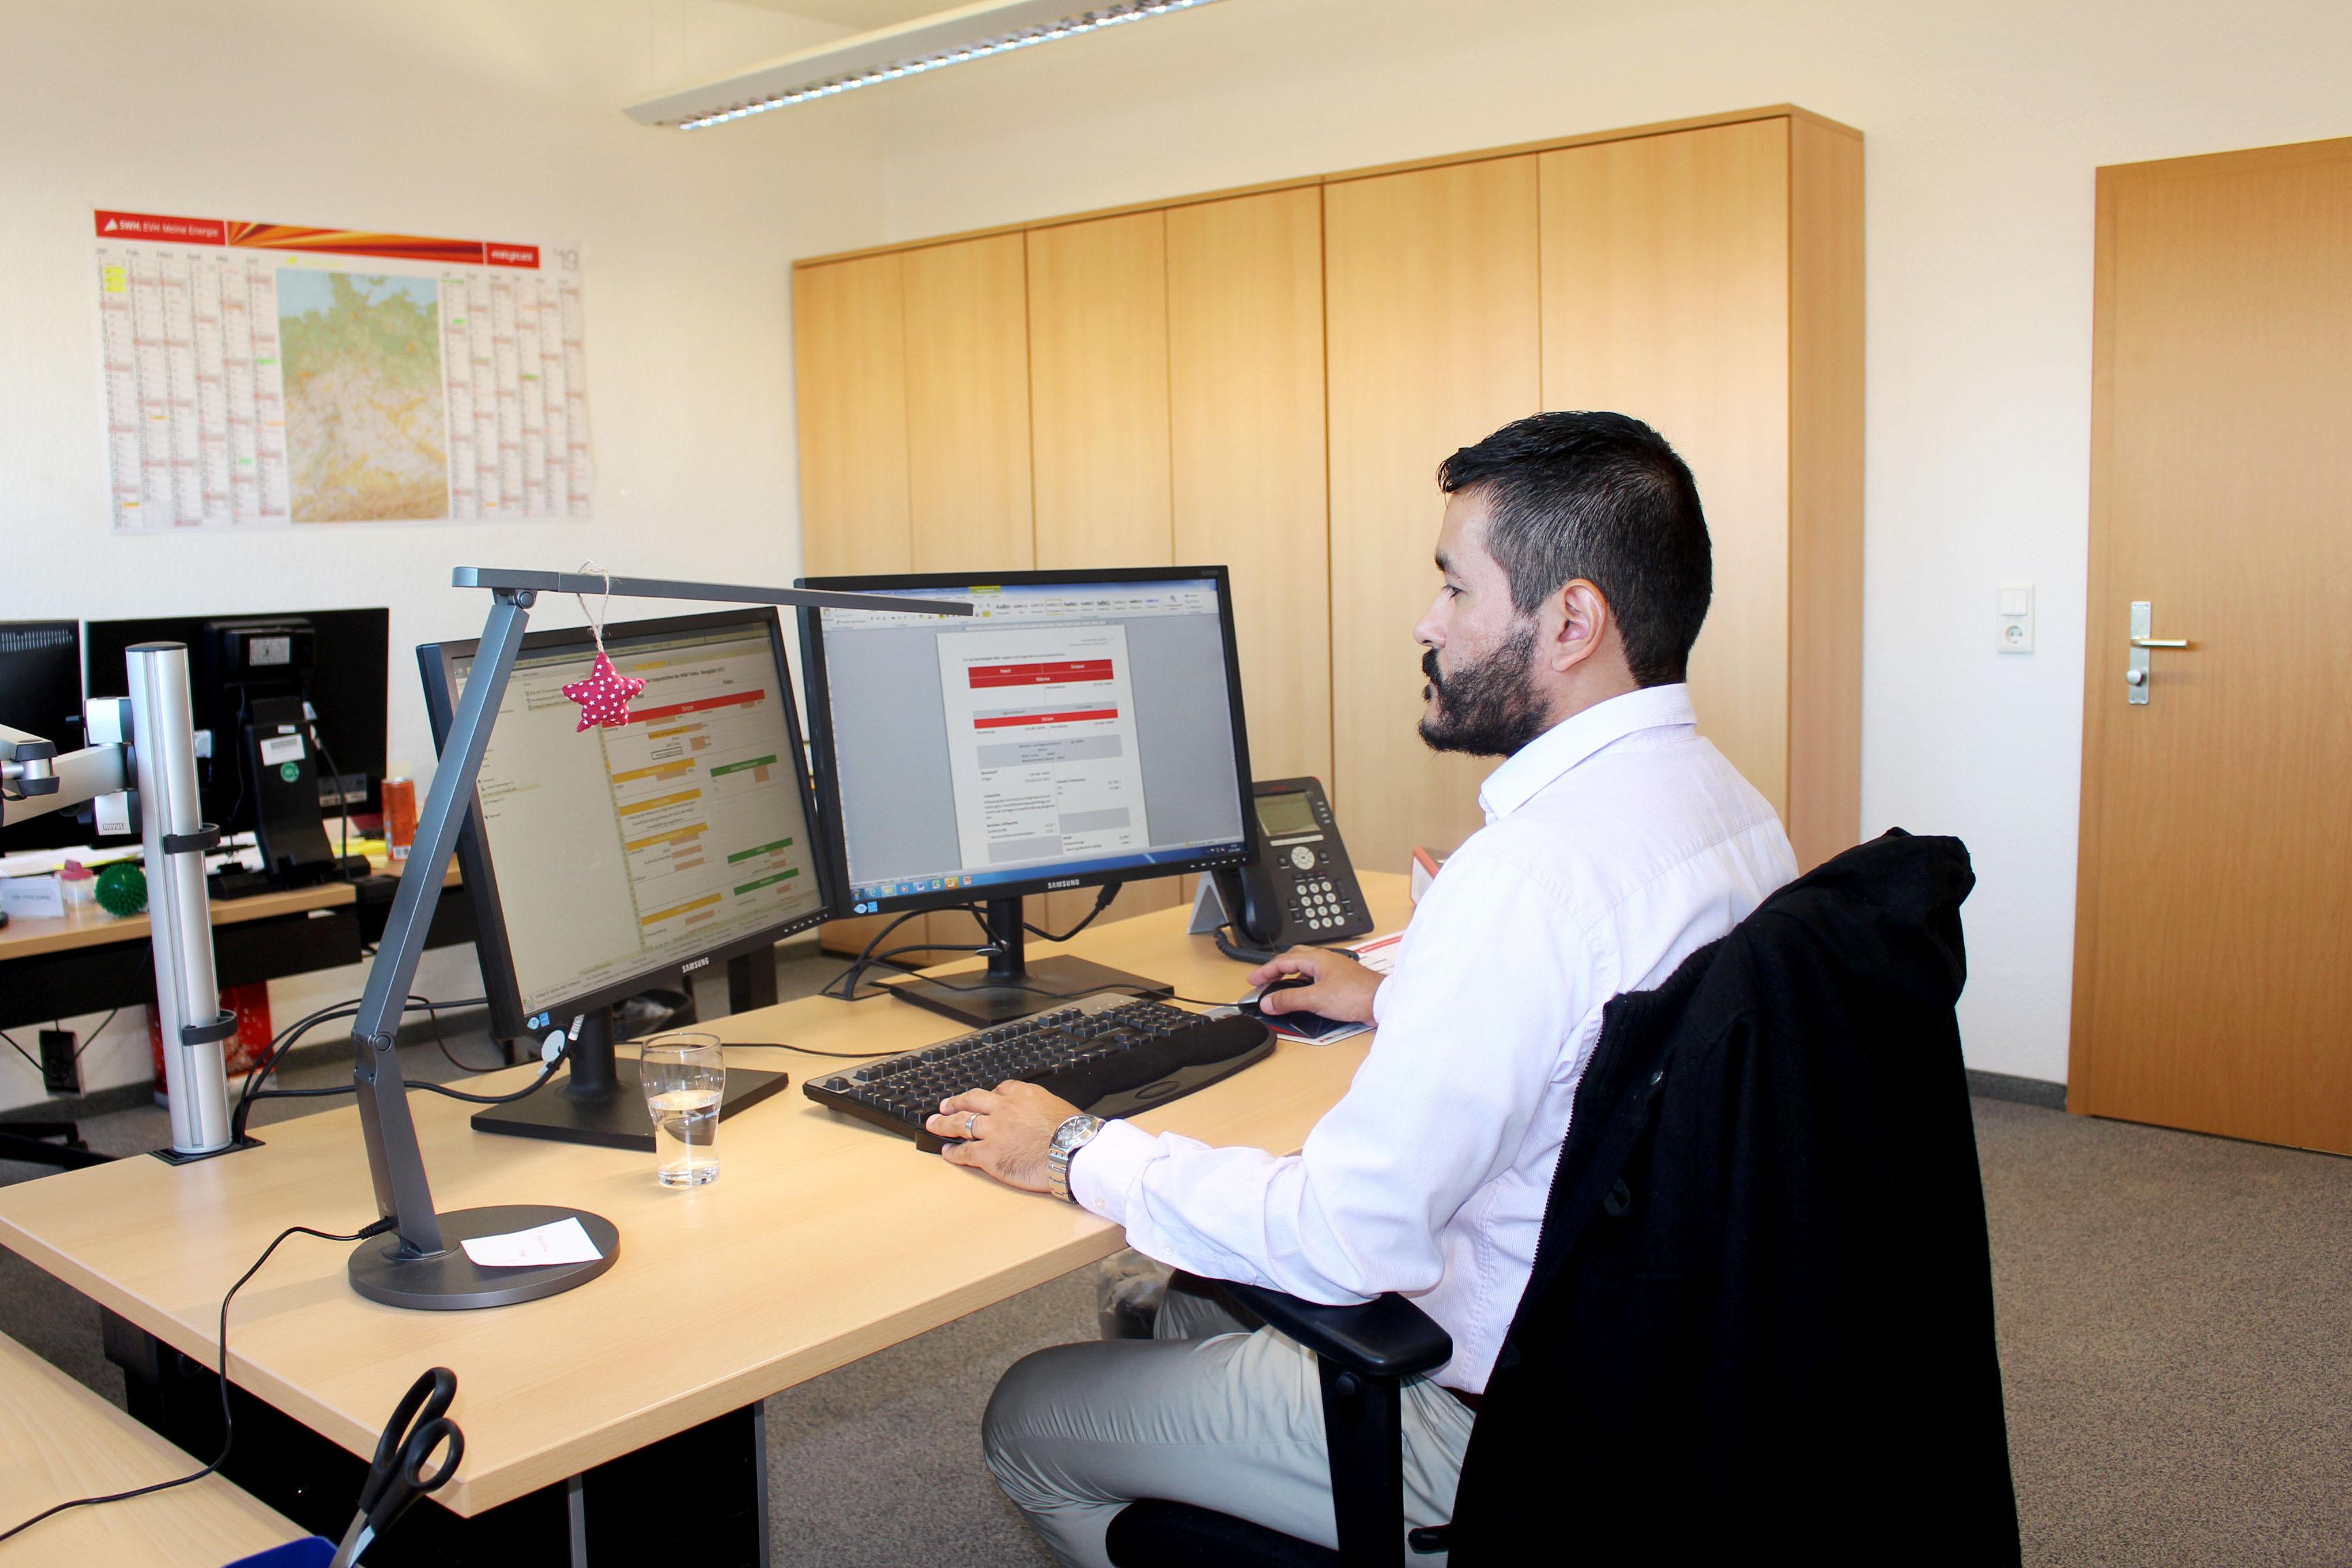 Ein Mann sitzt am Schreibtisch